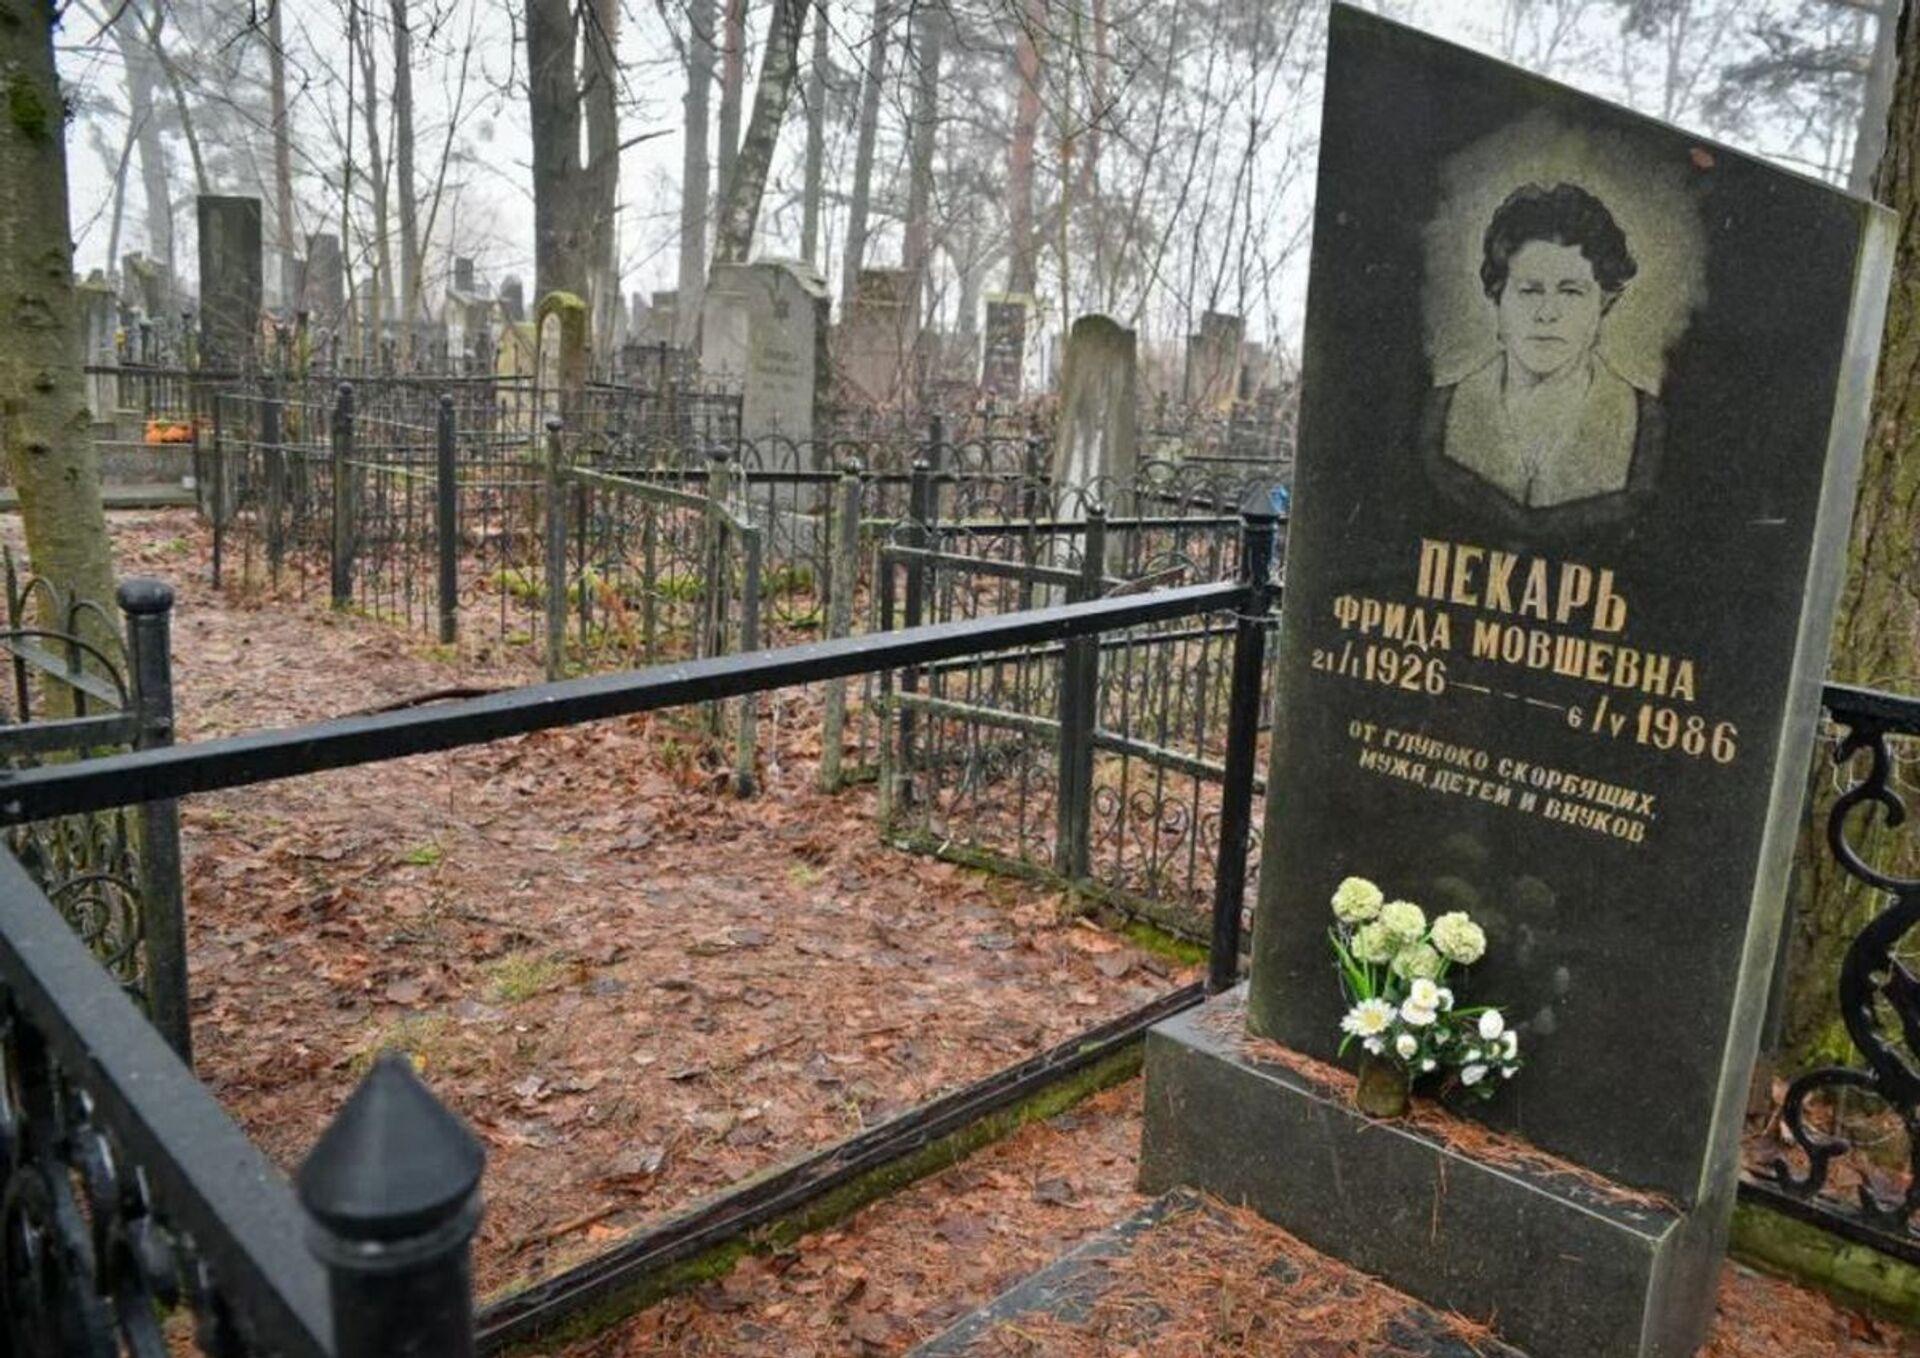 Как обворовали еврейское кладбище - масштаб поражает - Sputnik Беларусь, 1920, 16.02.2021